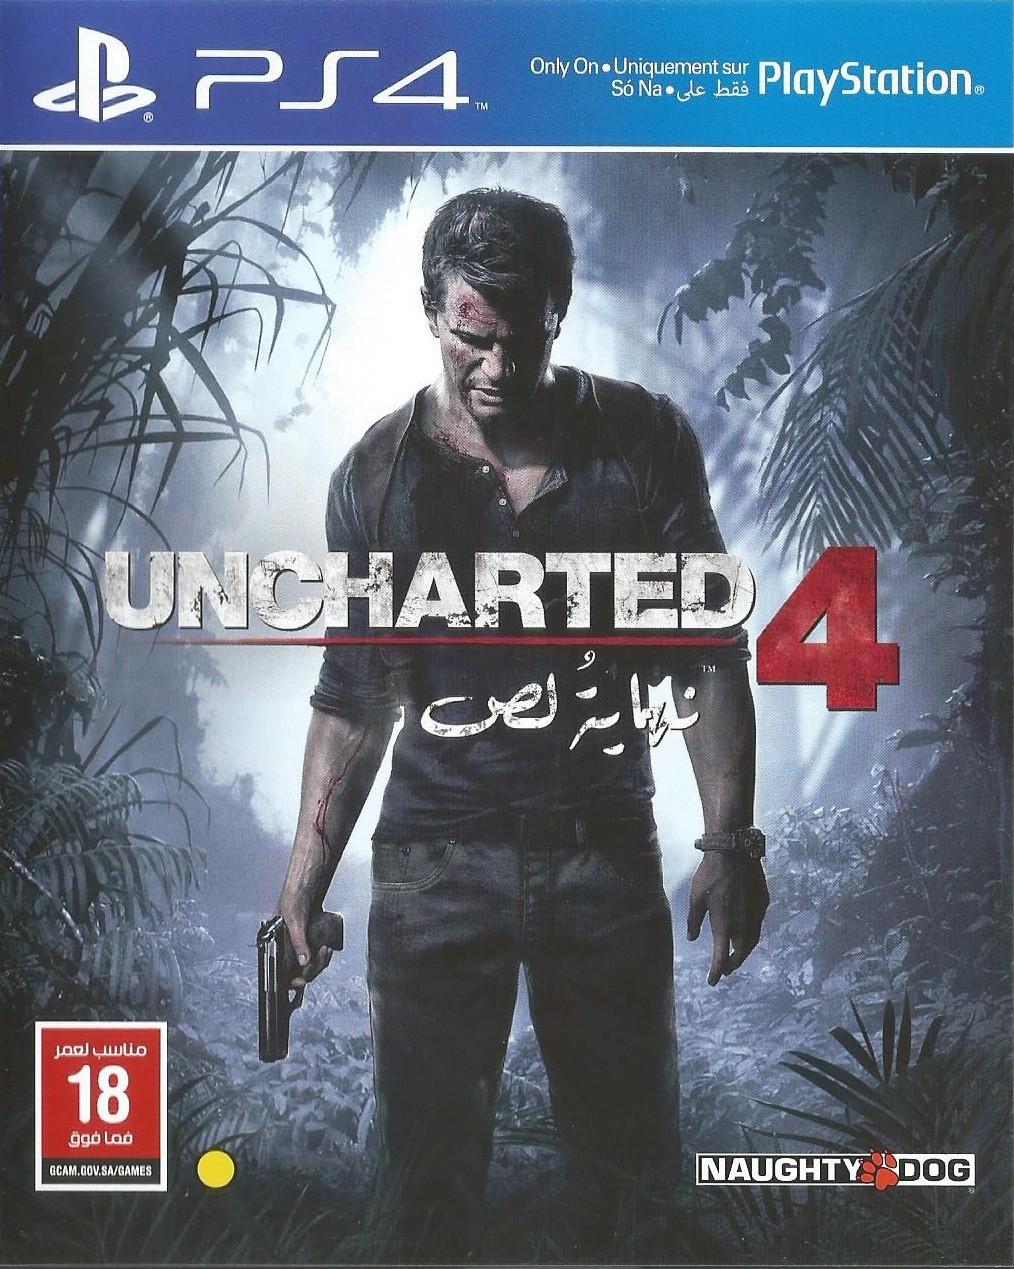 تحميل لعبة uncharted 4 للكمبيوتر مضغوطة